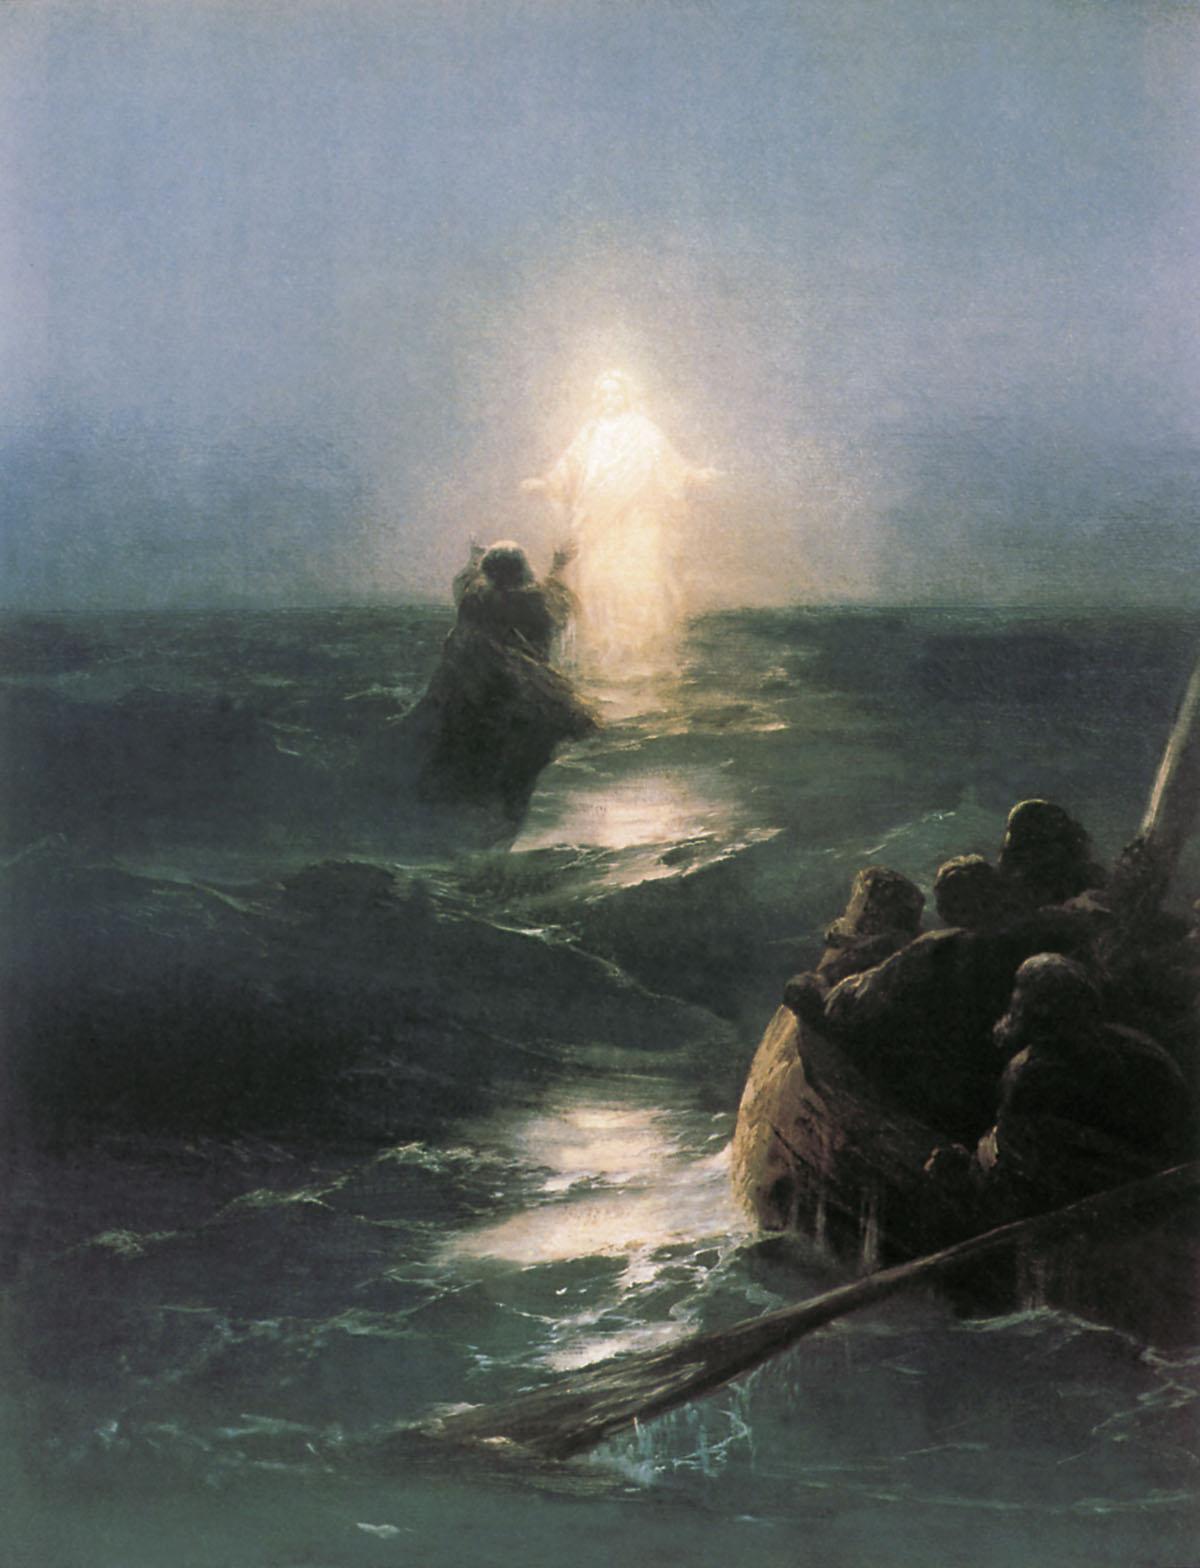 Marcher sur les eaux, 1890, huile sur toile d'Ivan Aivazovsky